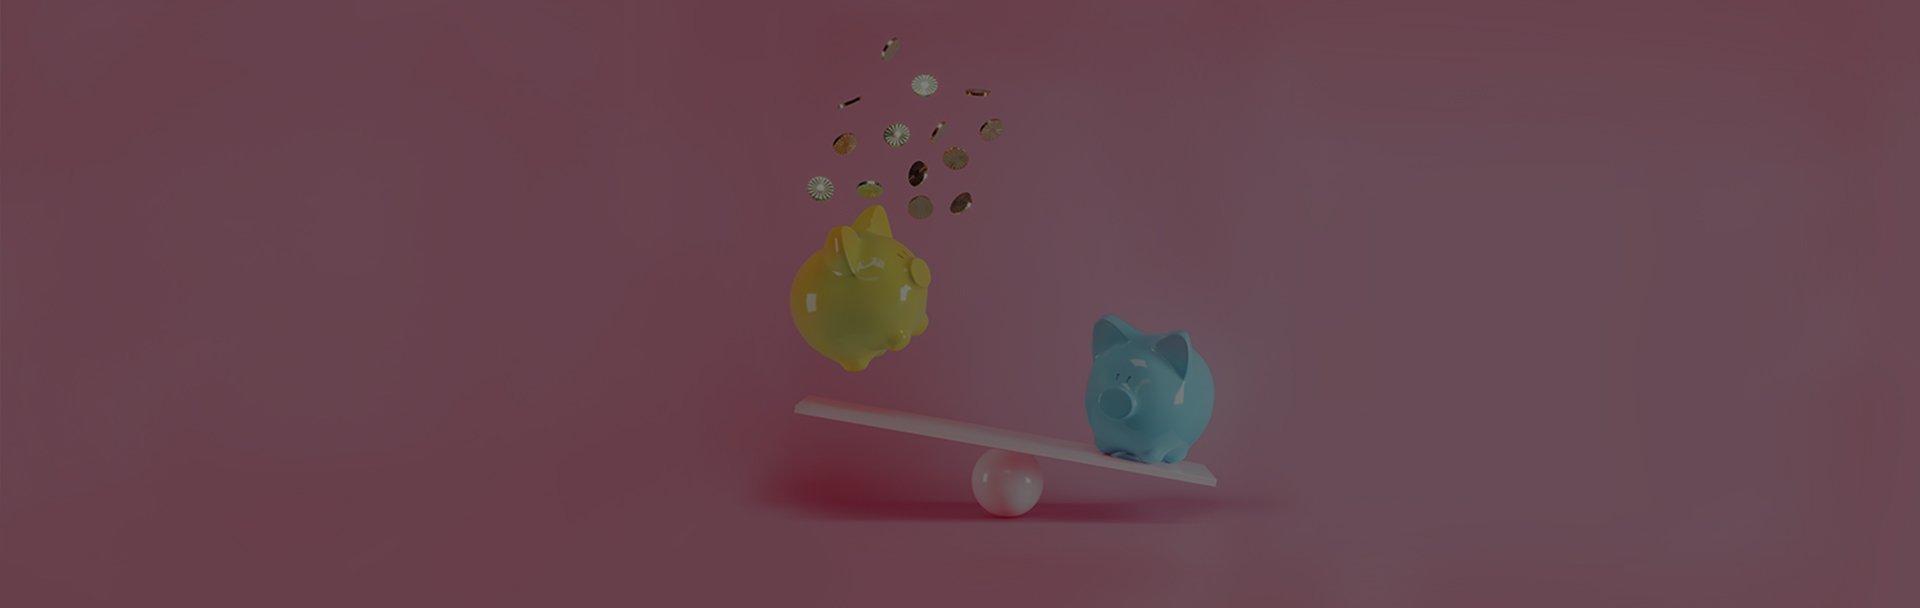 Blog-solucion-web-como-convertir-prospectos-en-ventas-dos